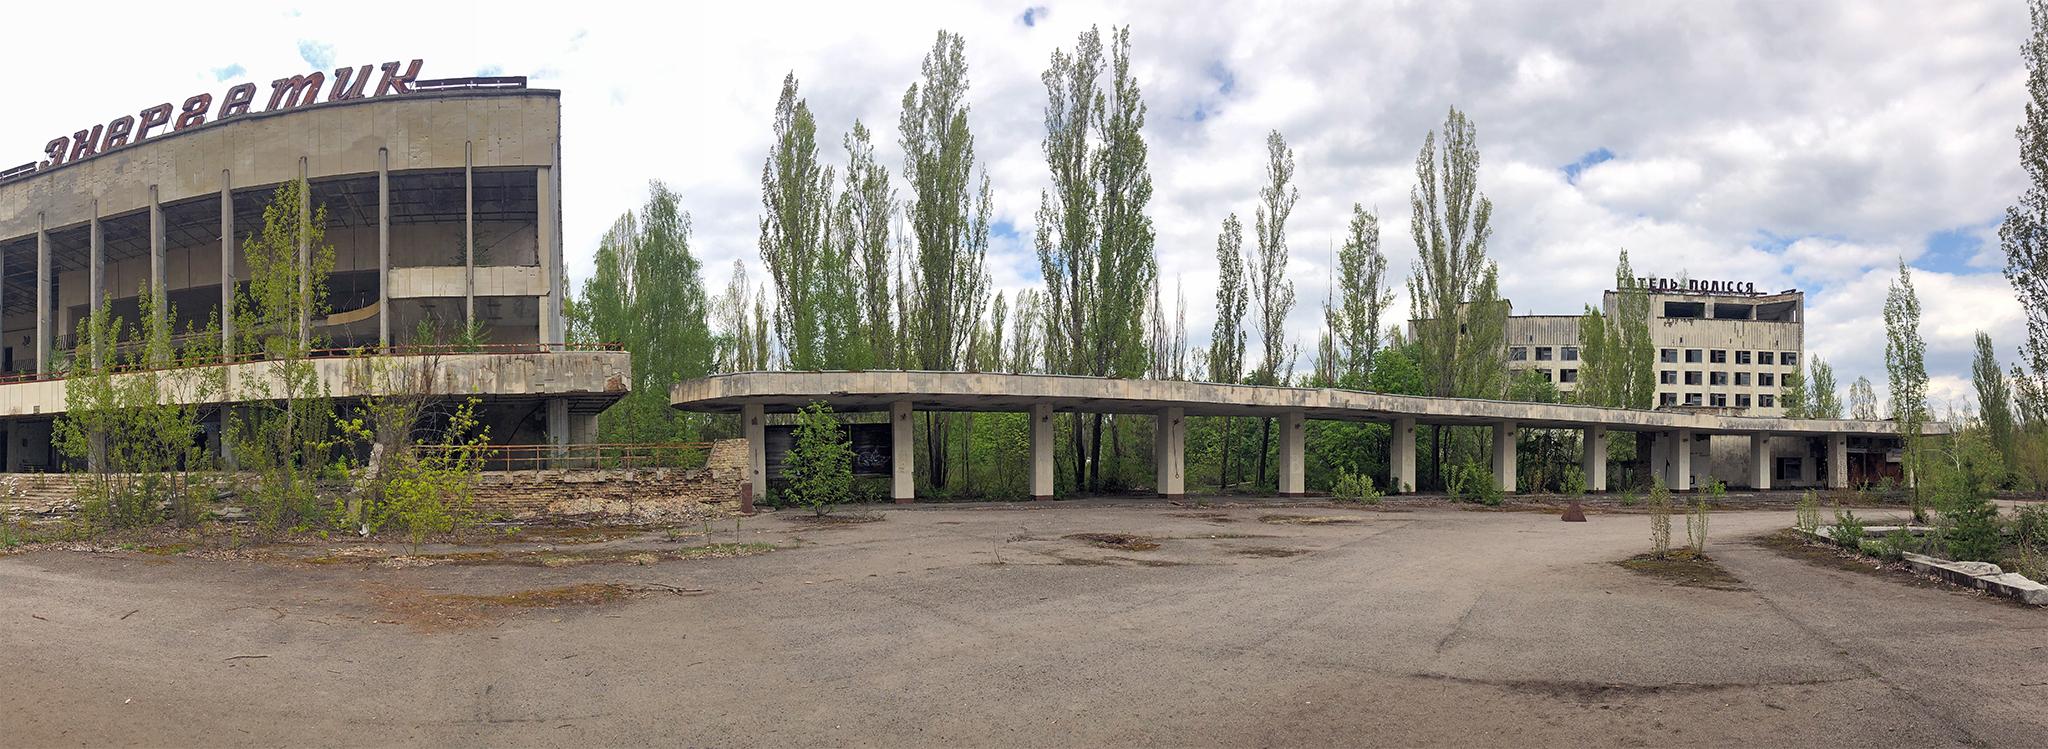 Visitar Chernóbil - Visitar Chernobyl Ucrania Ukraine Pripyat visitar chernóbil - 33958046018 5035bfc716 o - Visitar Chernóbil: el lugar más contaminado del planeta